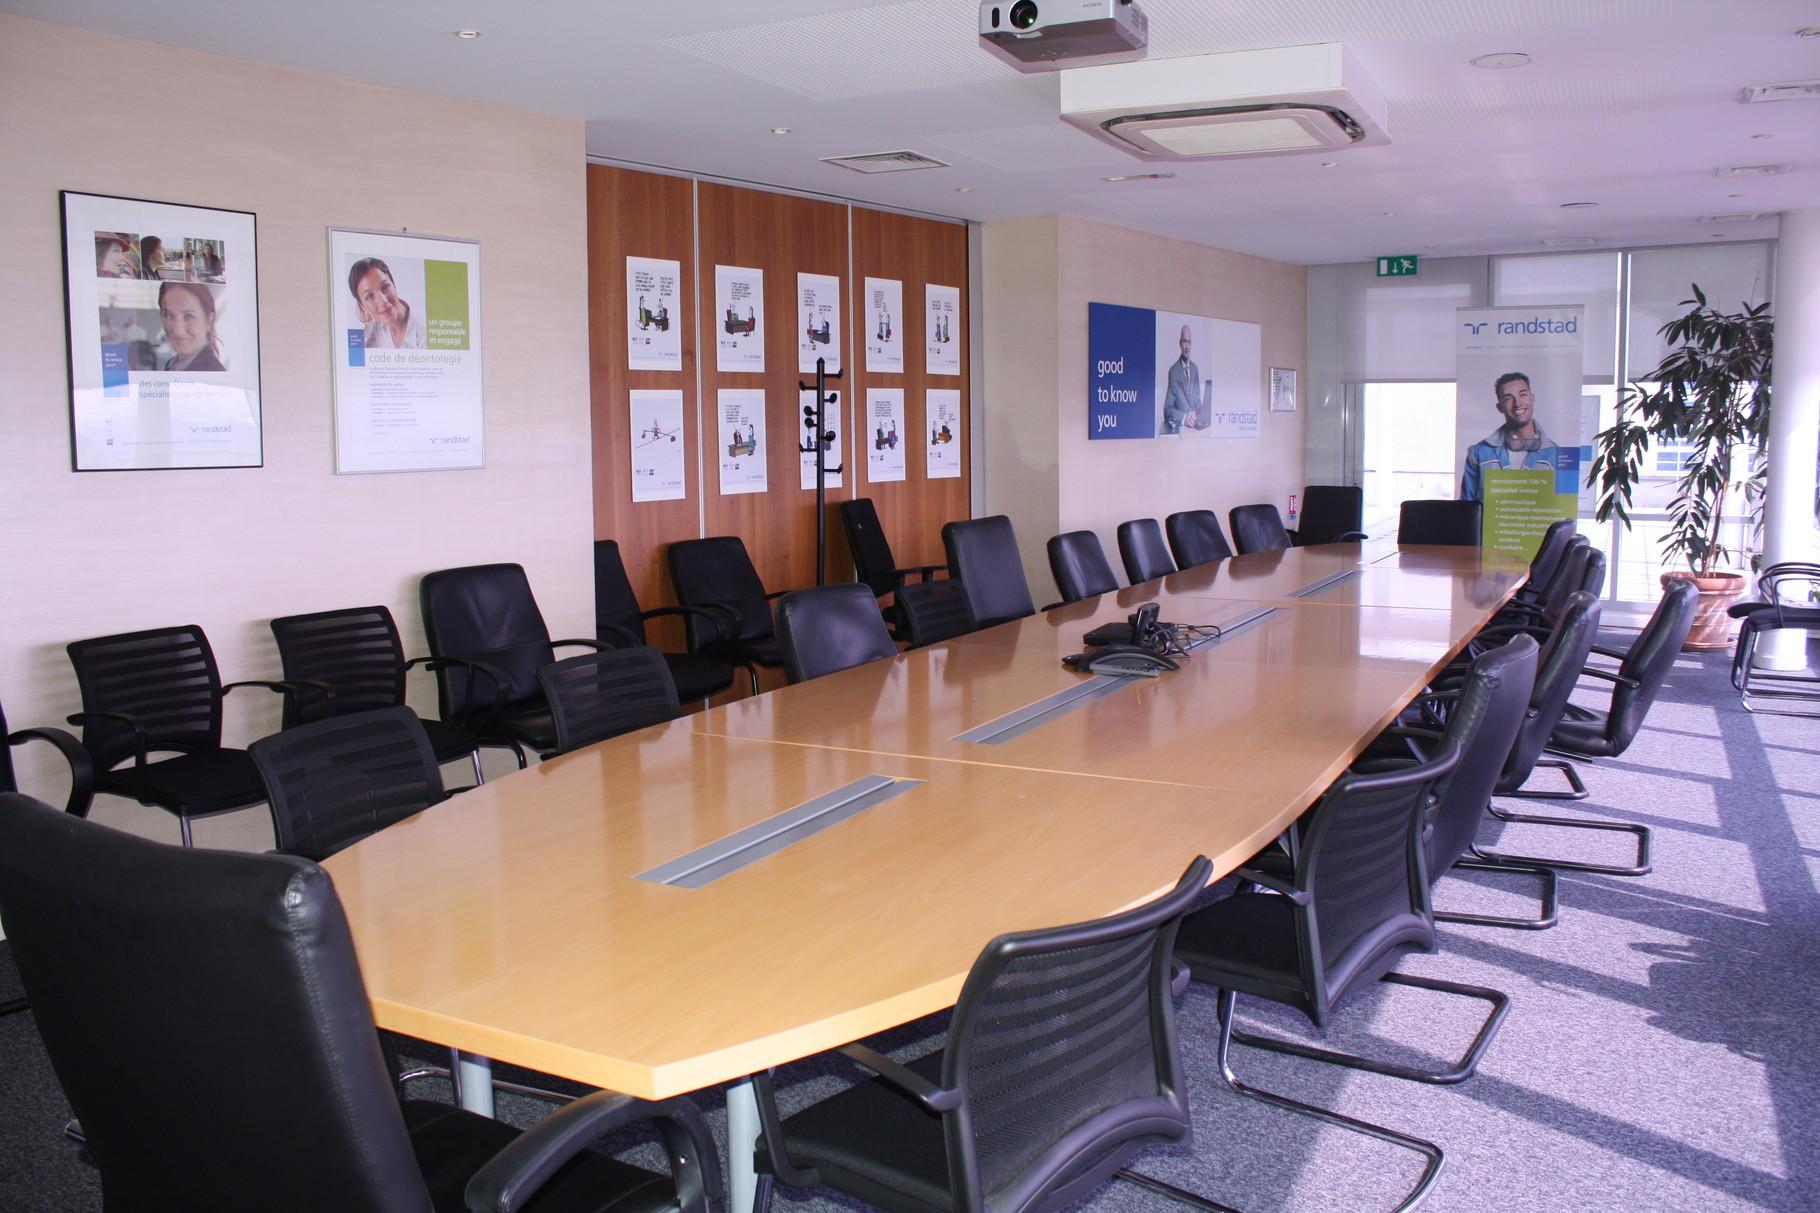 mobilier sur mesure pour vos réunions d'affaire